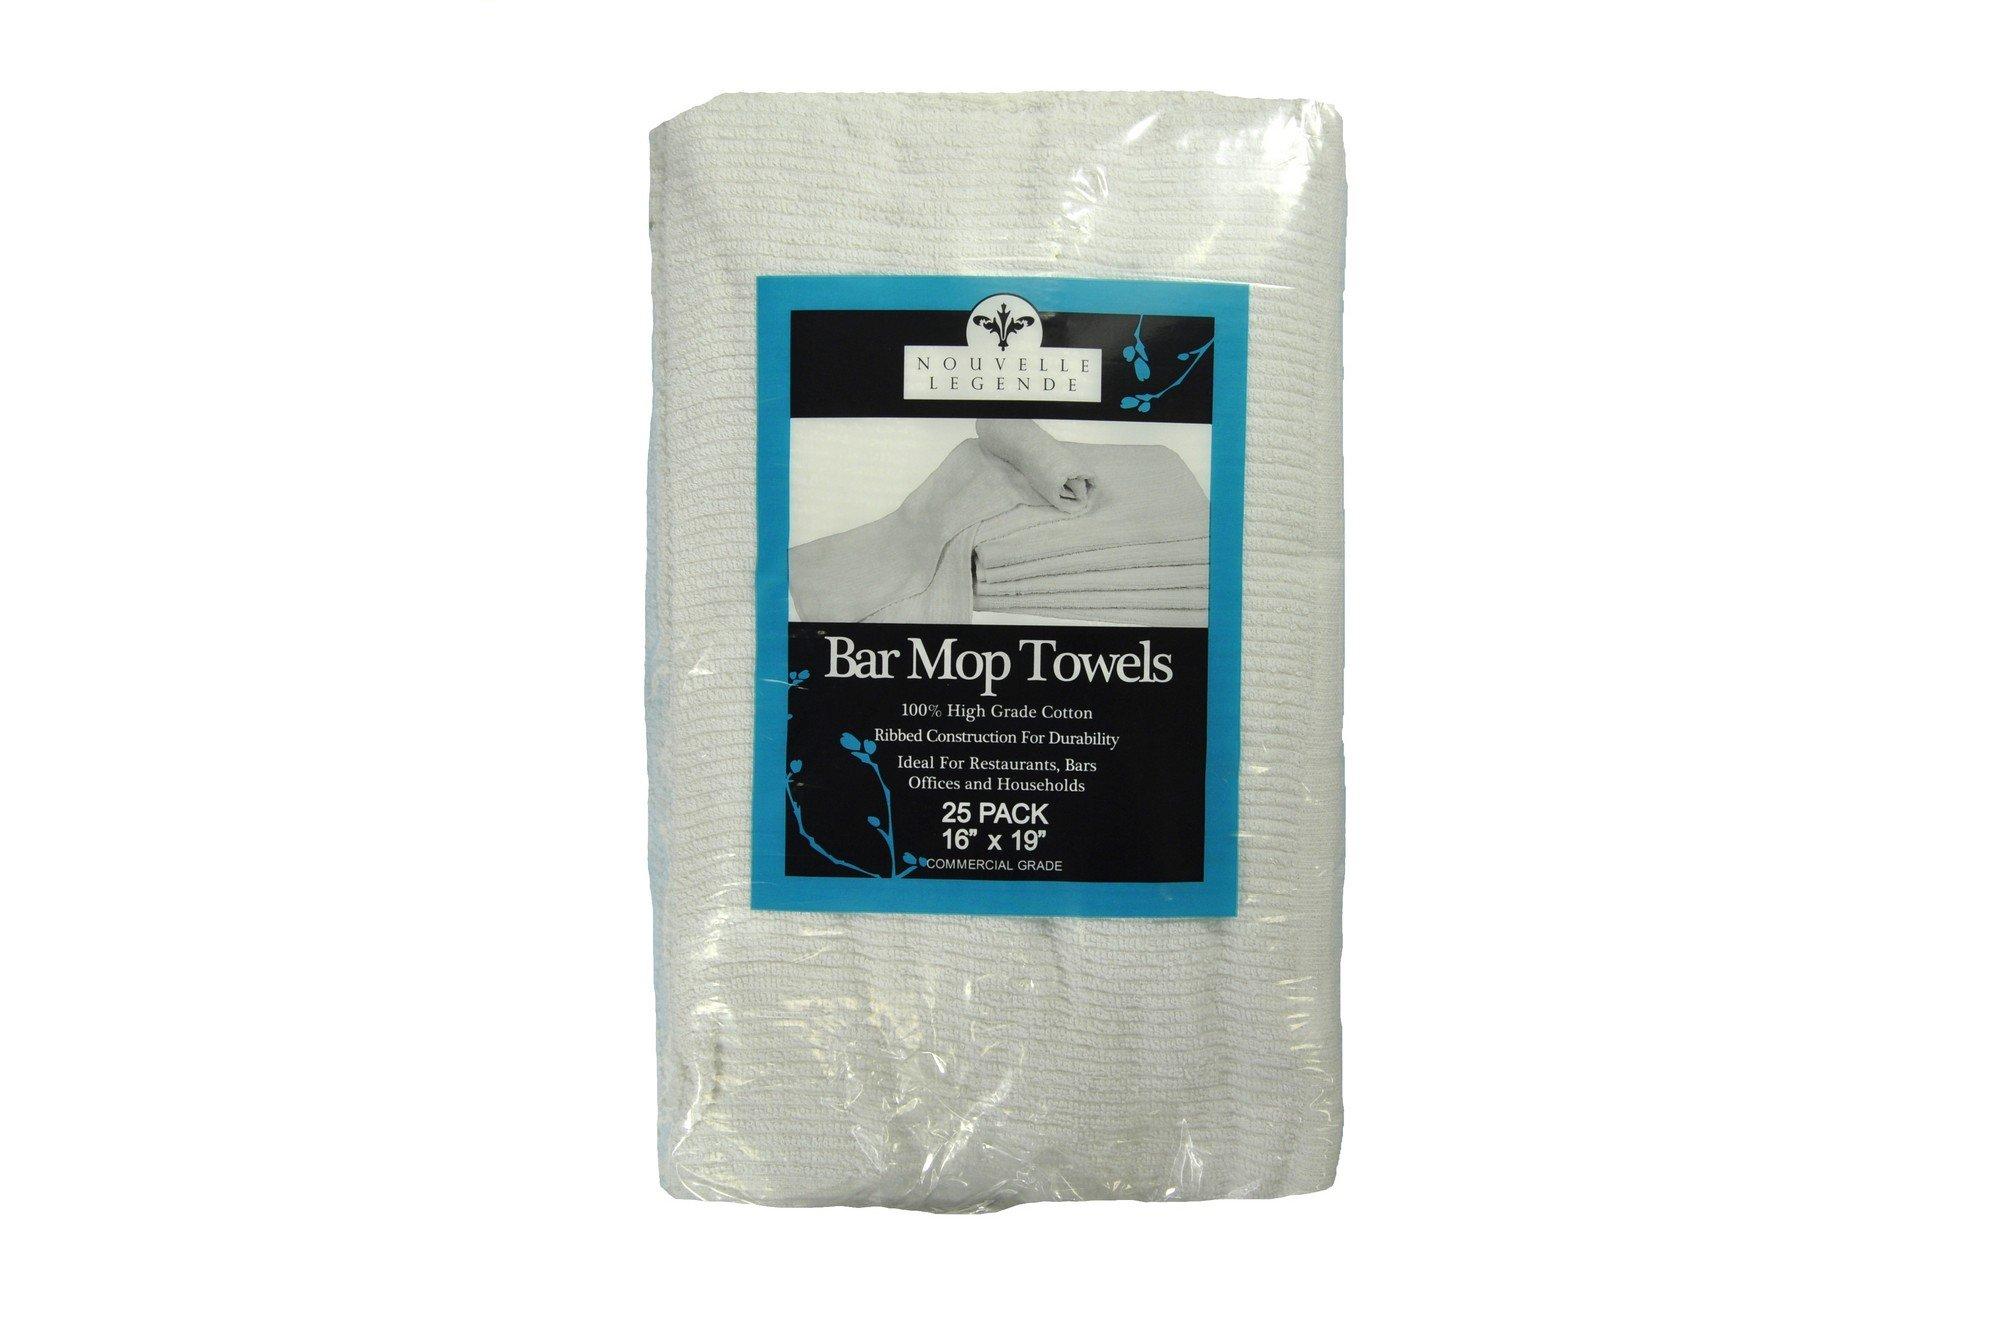 Nouvelle Legende Cotton Bar Mop Ribbed Towels Commercial Grade (25-Pack) by Nouvelle Legende (Image #6)